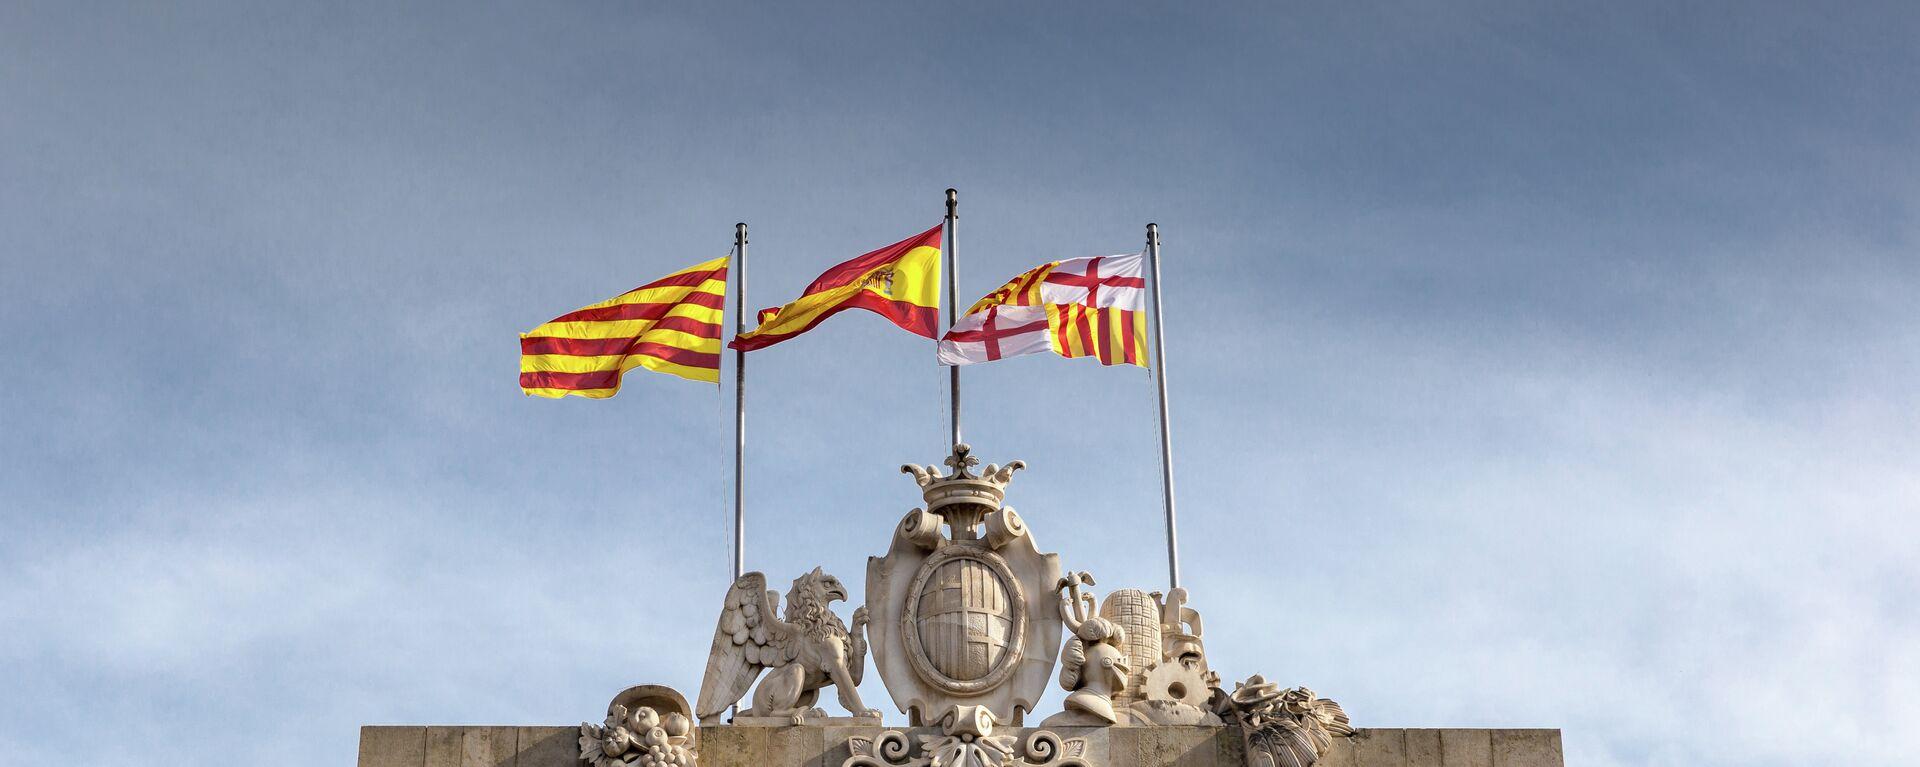 Banderas de España y Cataluña en Barcelona - Sputnik Mundo, 1920, 25.05.2021